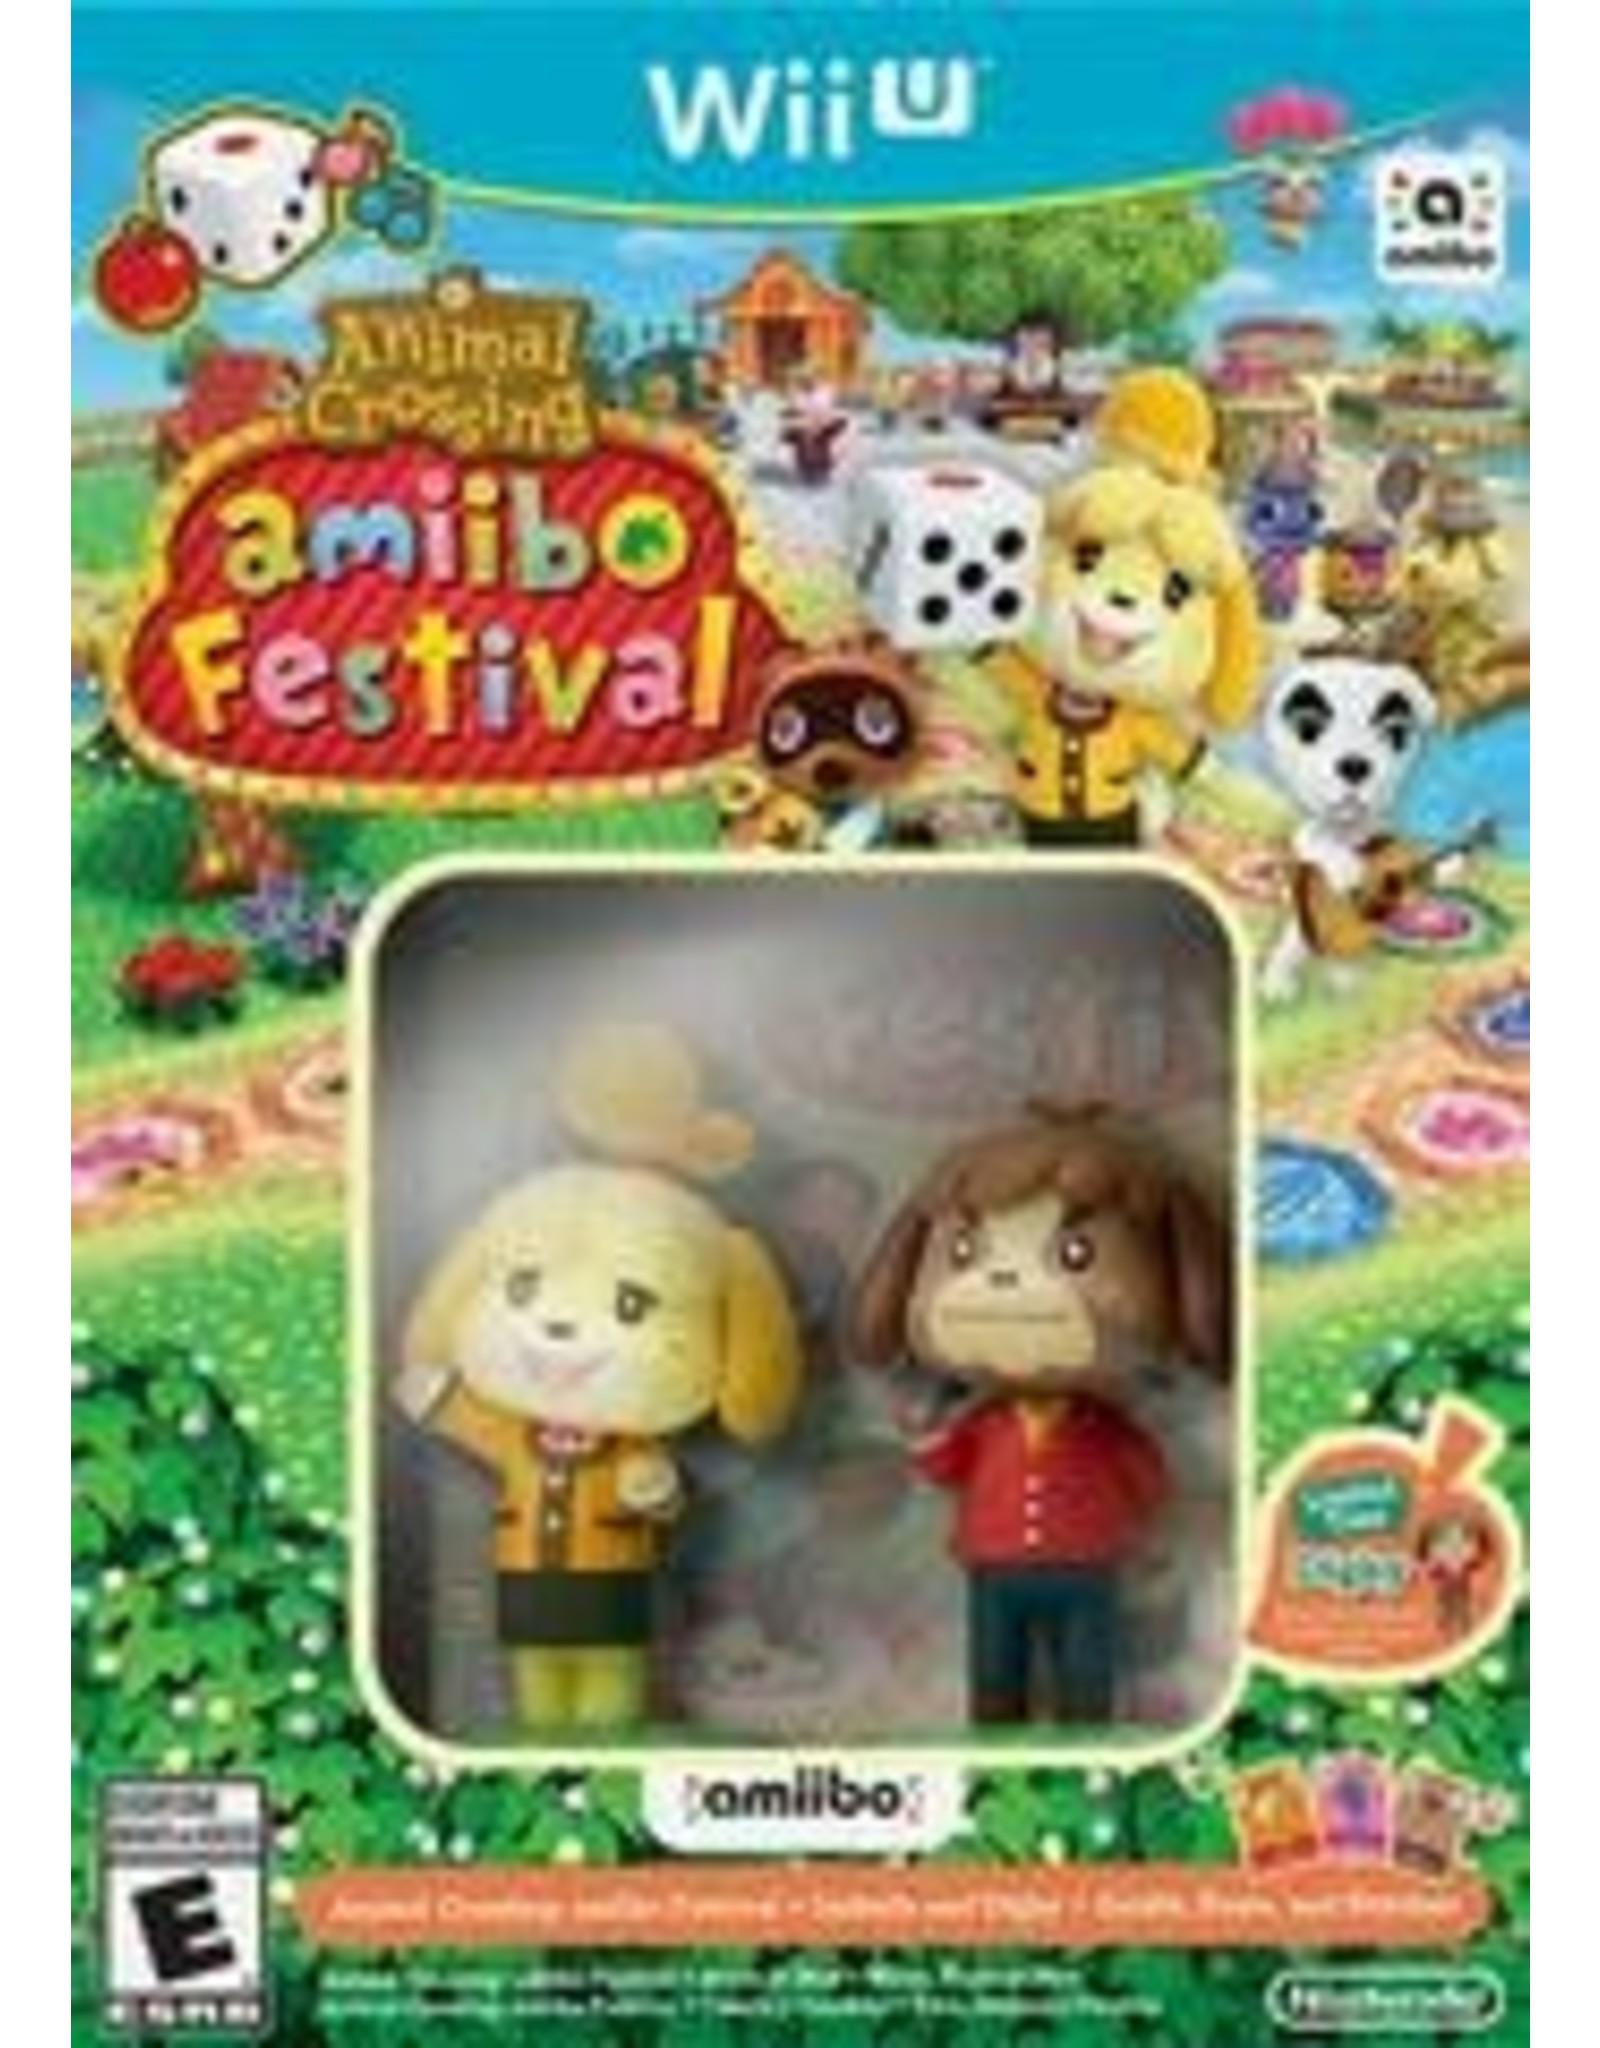 Wii U Animal Crossing Amiibo Festival (BRAND NEW, Amiibo Bundle)